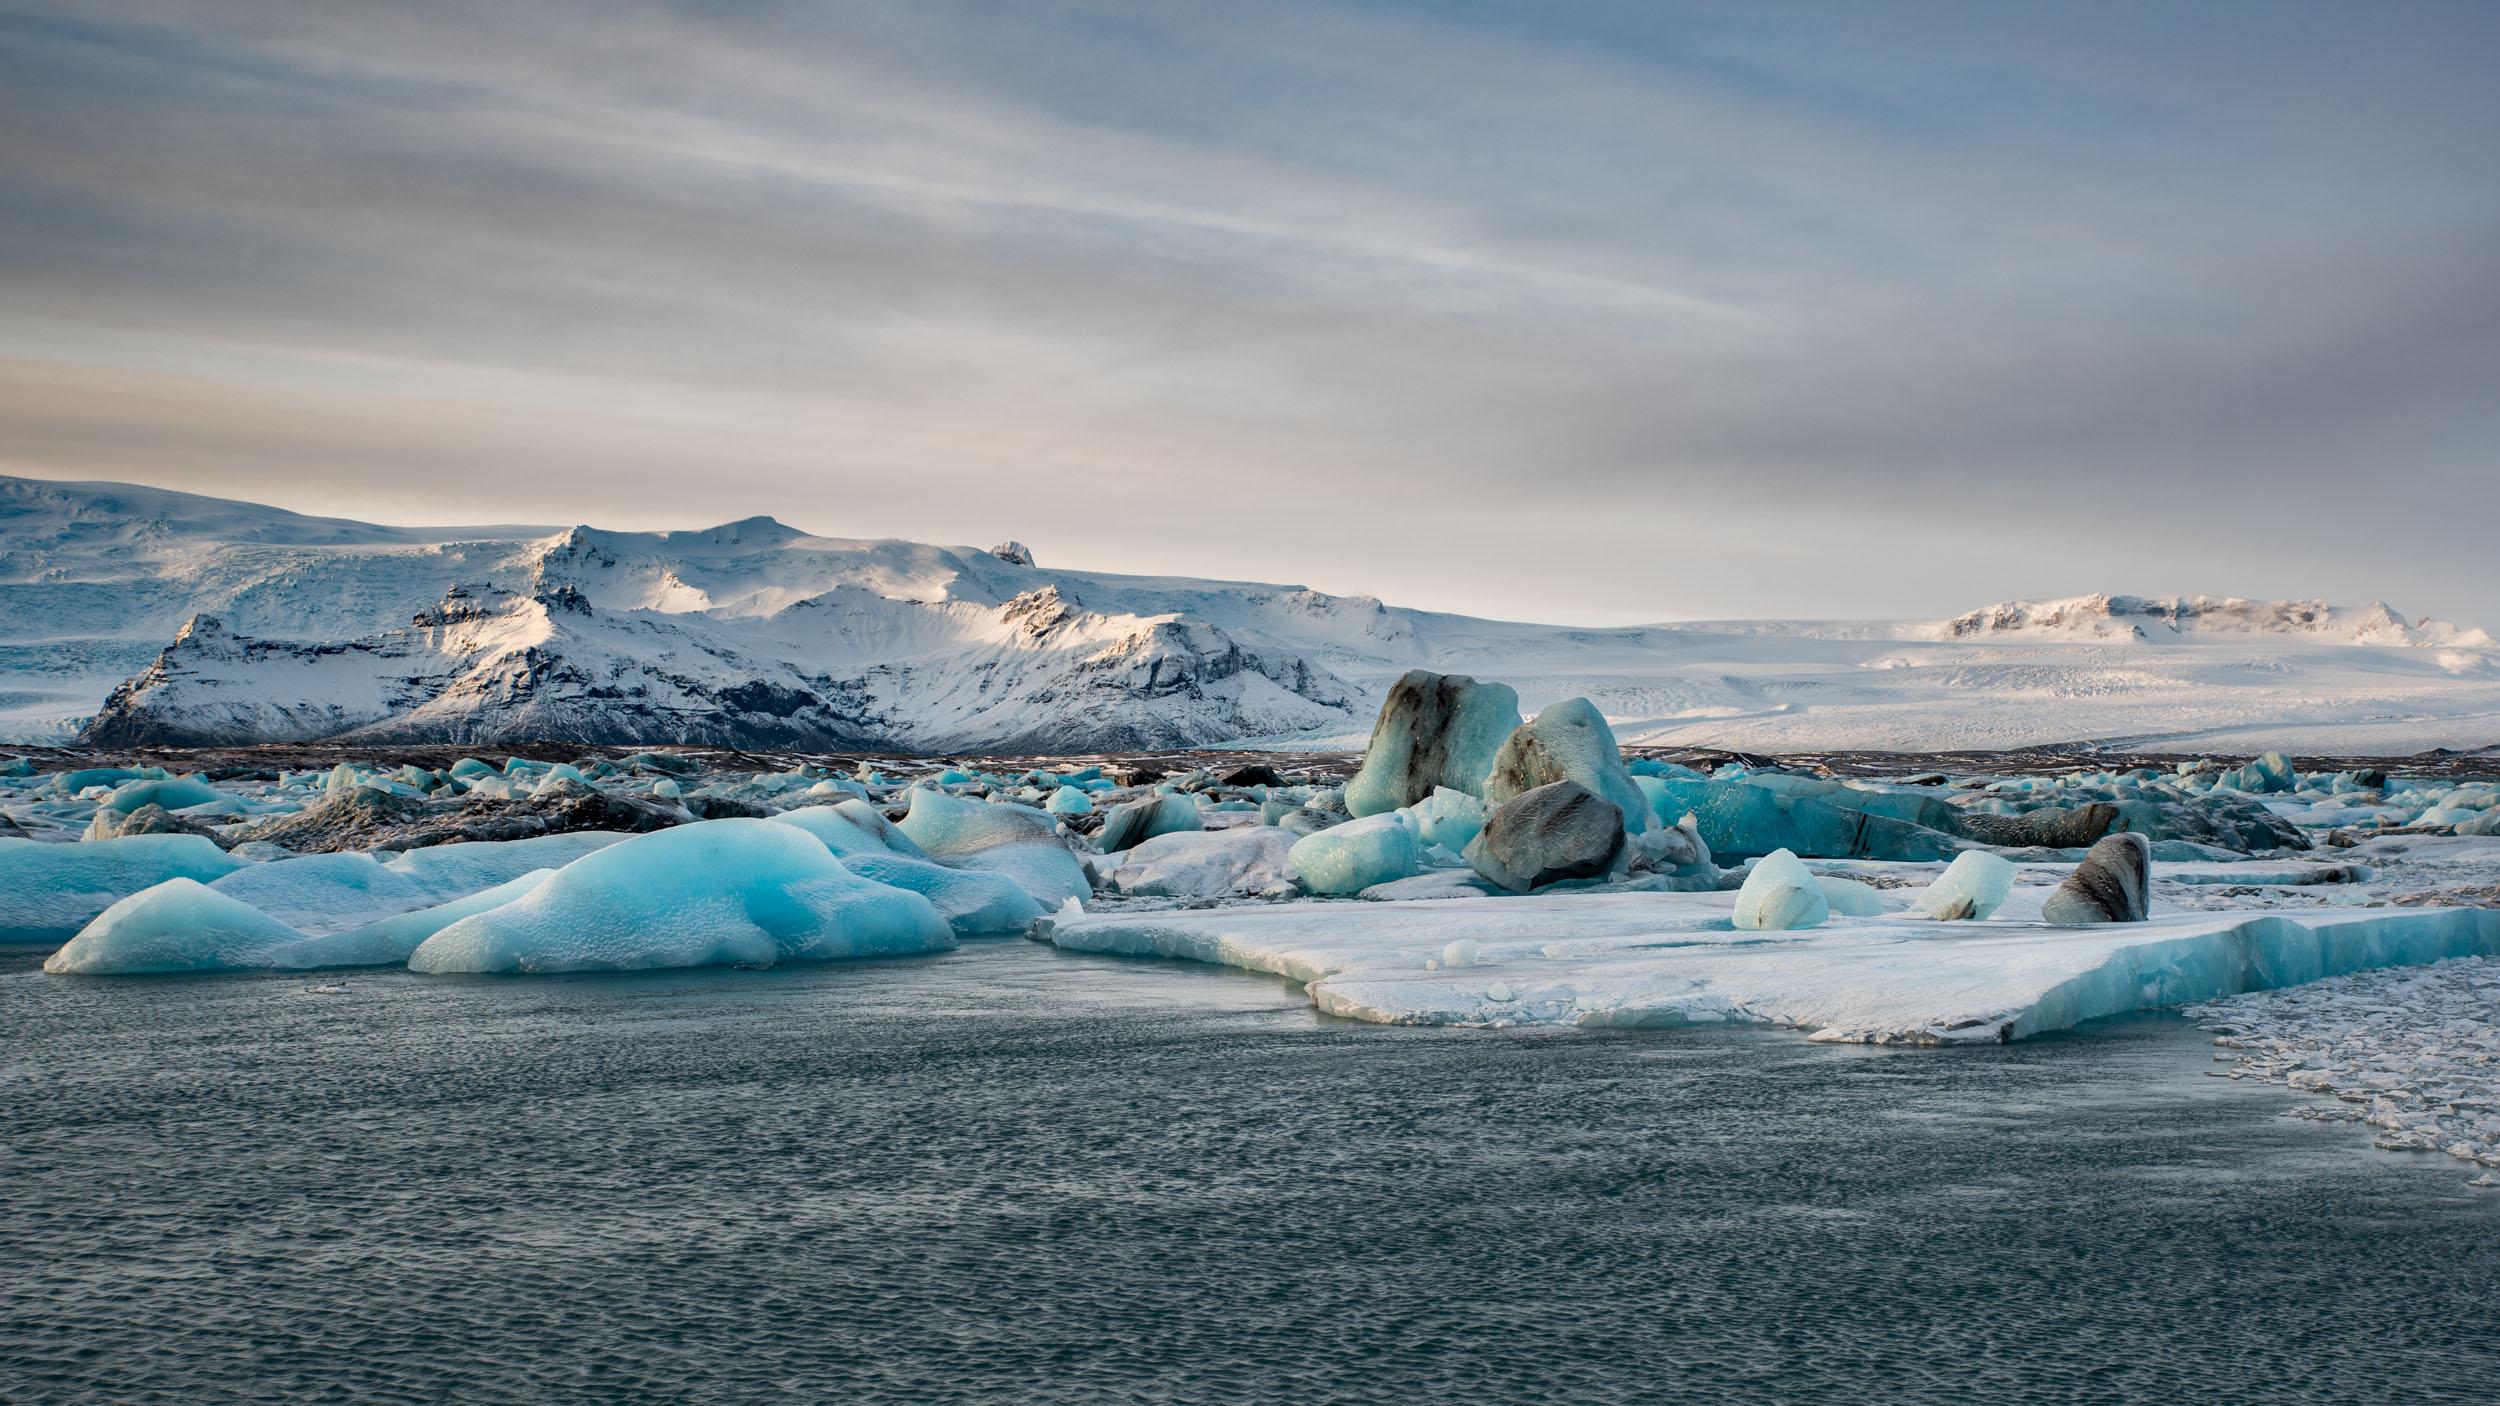 Iceland, Glacier Lagoon, Jökulsárlón Lagoon, Jökulsárlón Glacier Lagoon, Brad Geddes Photography, Brad Geddes